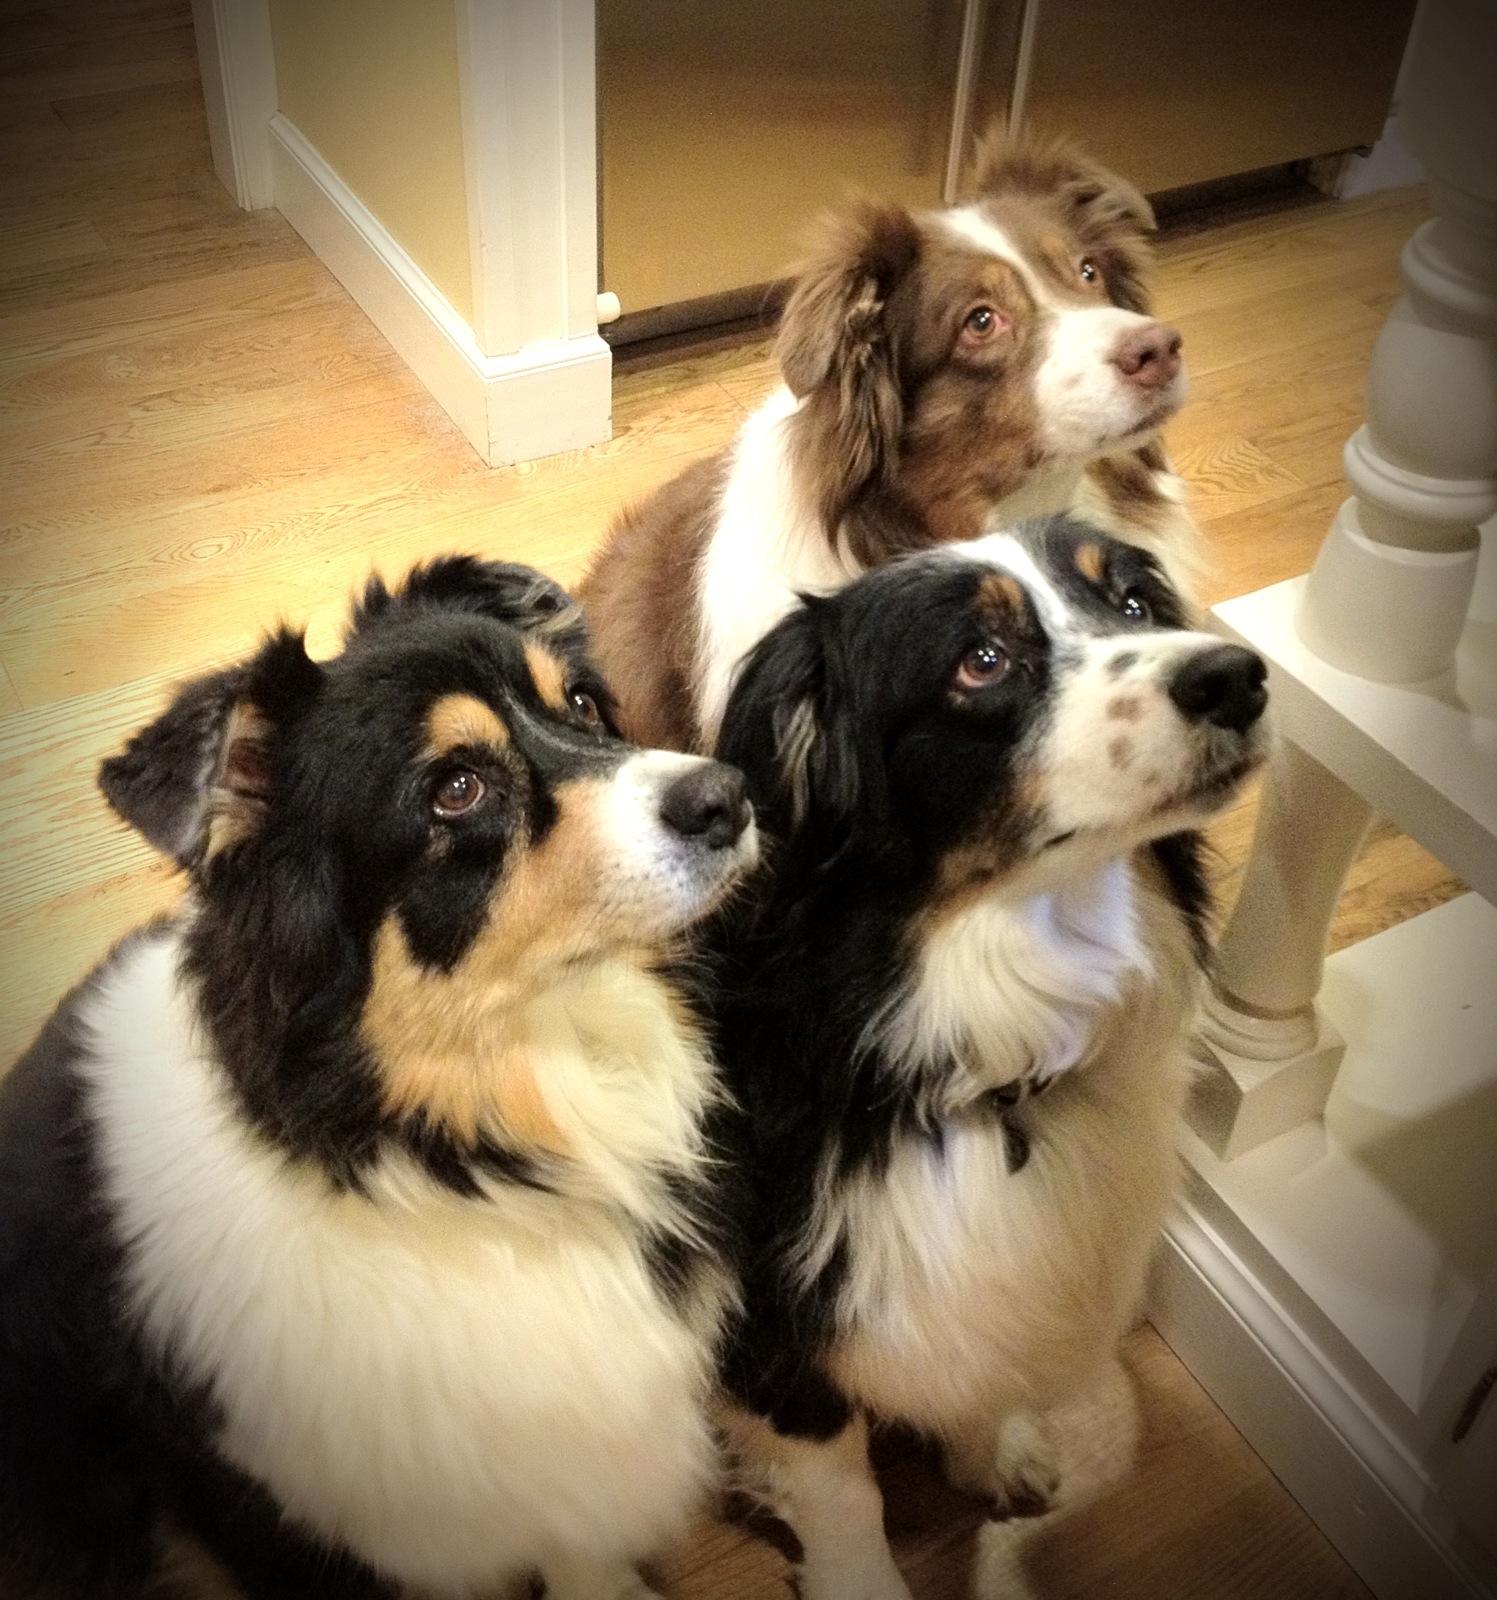 La distribution de gourmandises peut-elle avoir une influence sur l'éducation des chiens ?